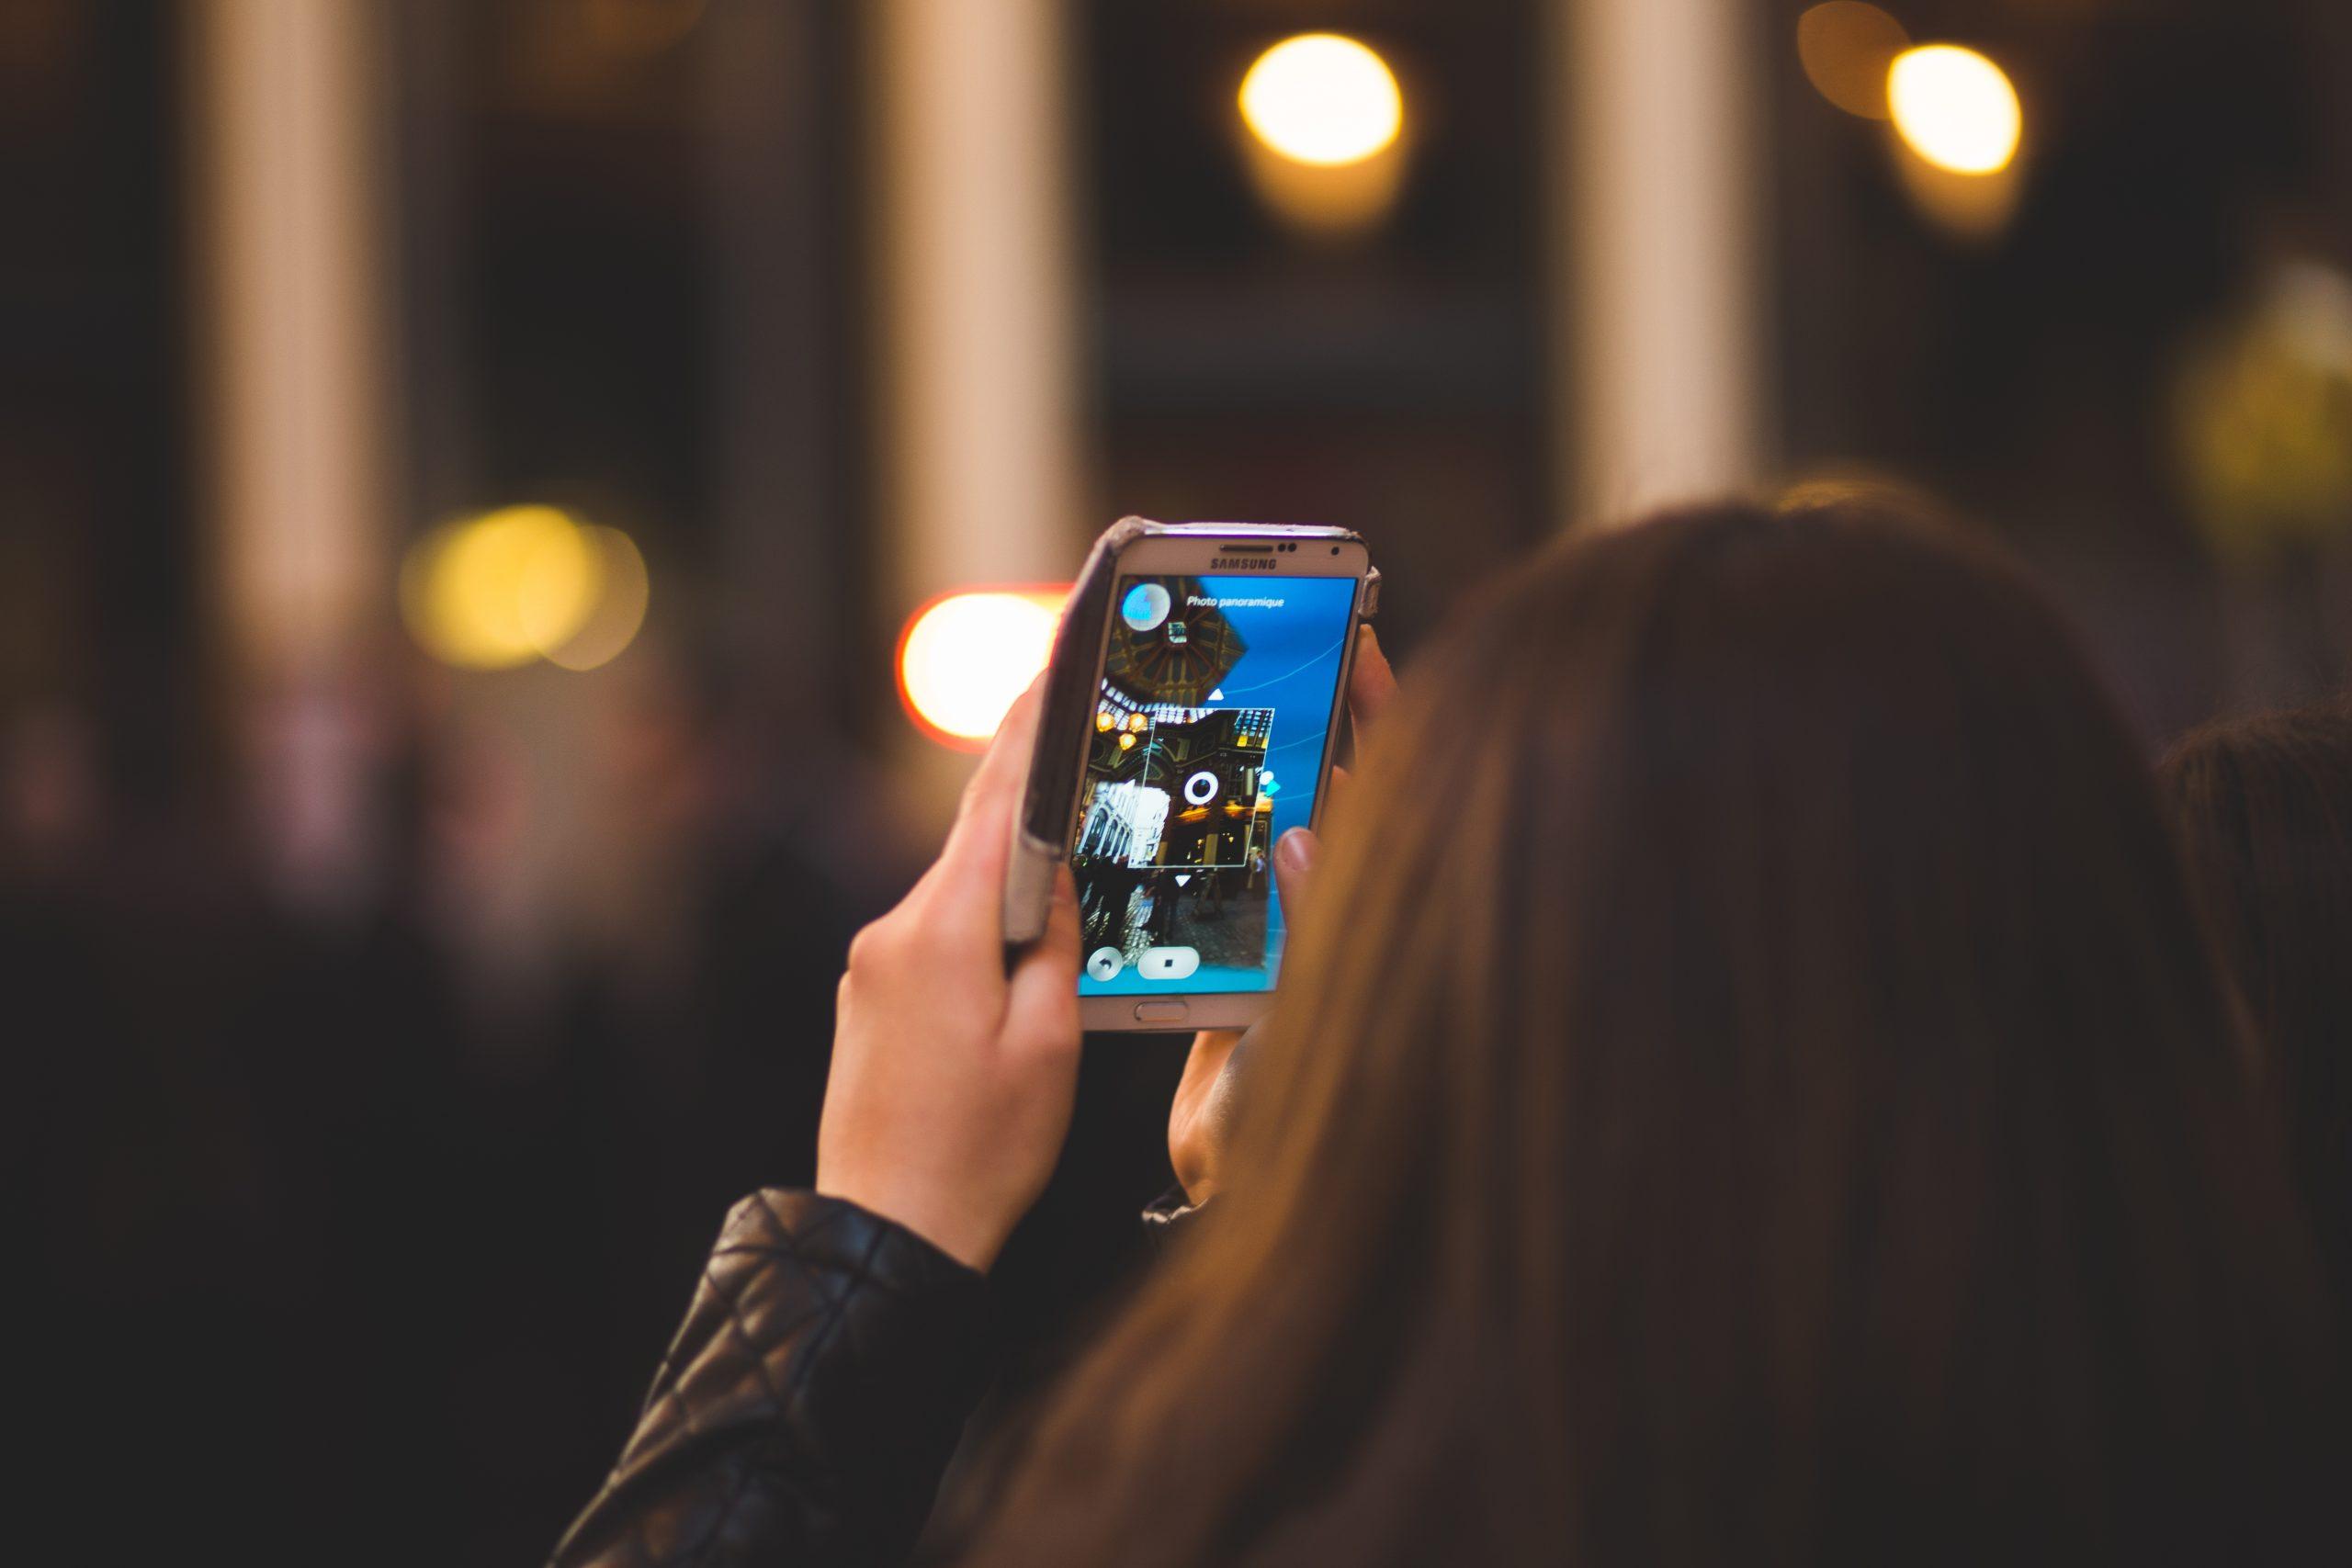 legerősebb androidos mobiltelefonok listája 2021. árprilis